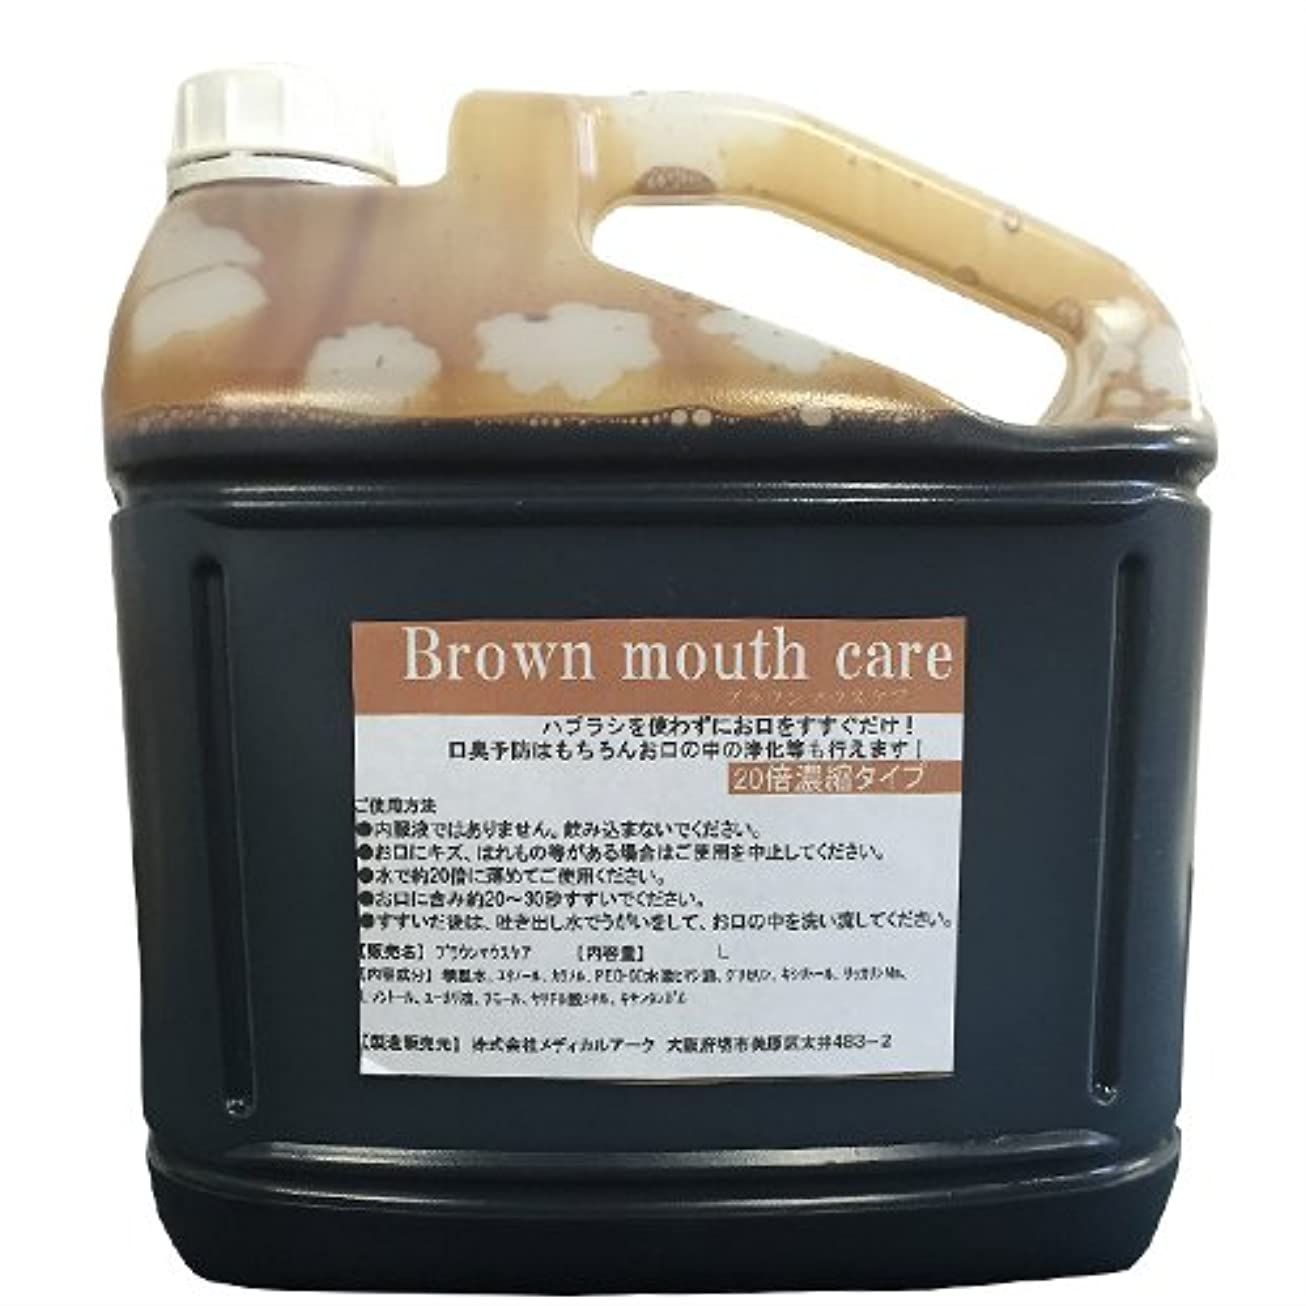 救援分フィードオン業務用洗口液 ガーグル ブラウンマウスケア (Brown mouth care) 20倍濃縮タイプ 5L (詰め替えコック付き)